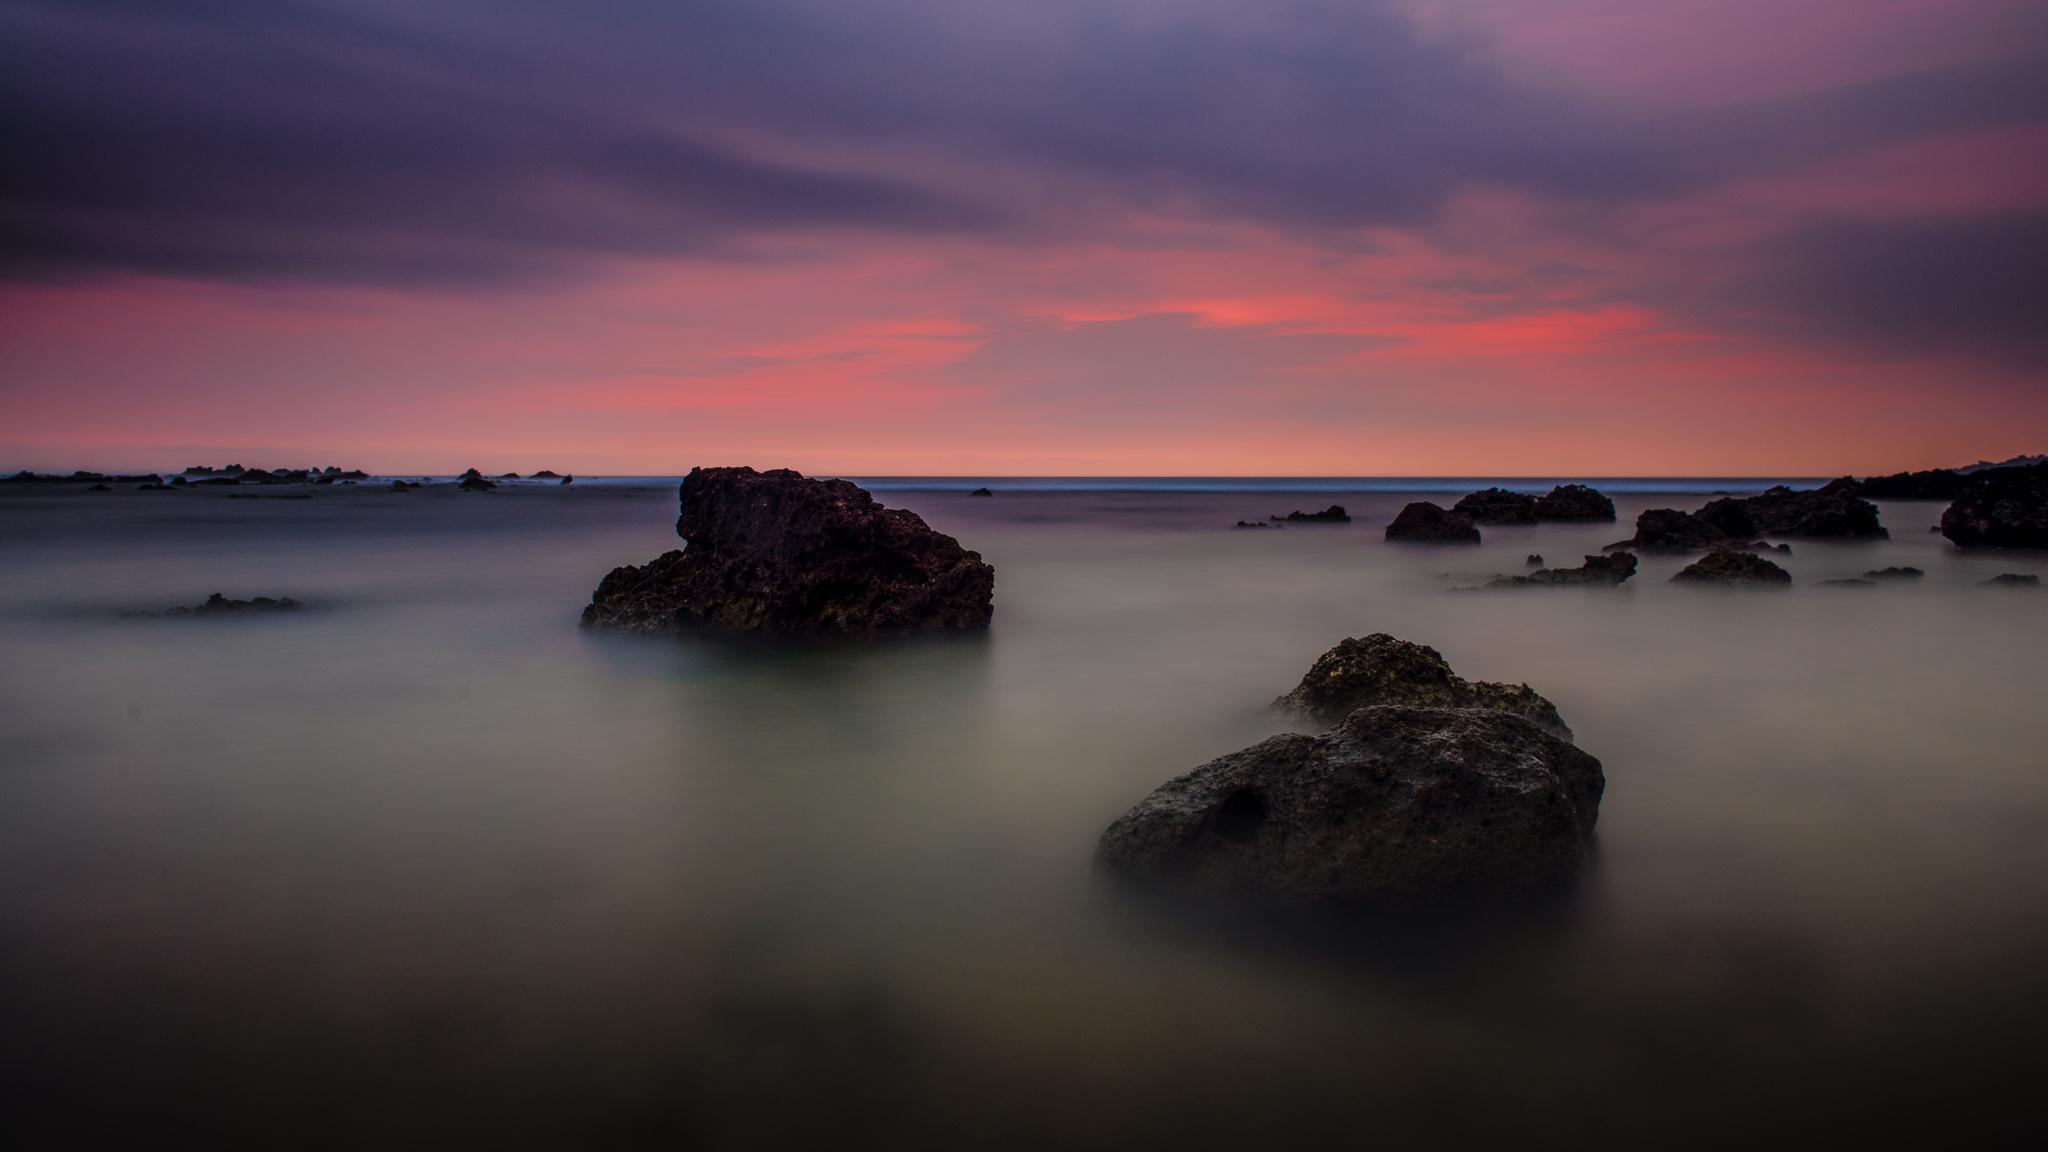 Sawarna Sunset - Iksa Menajang